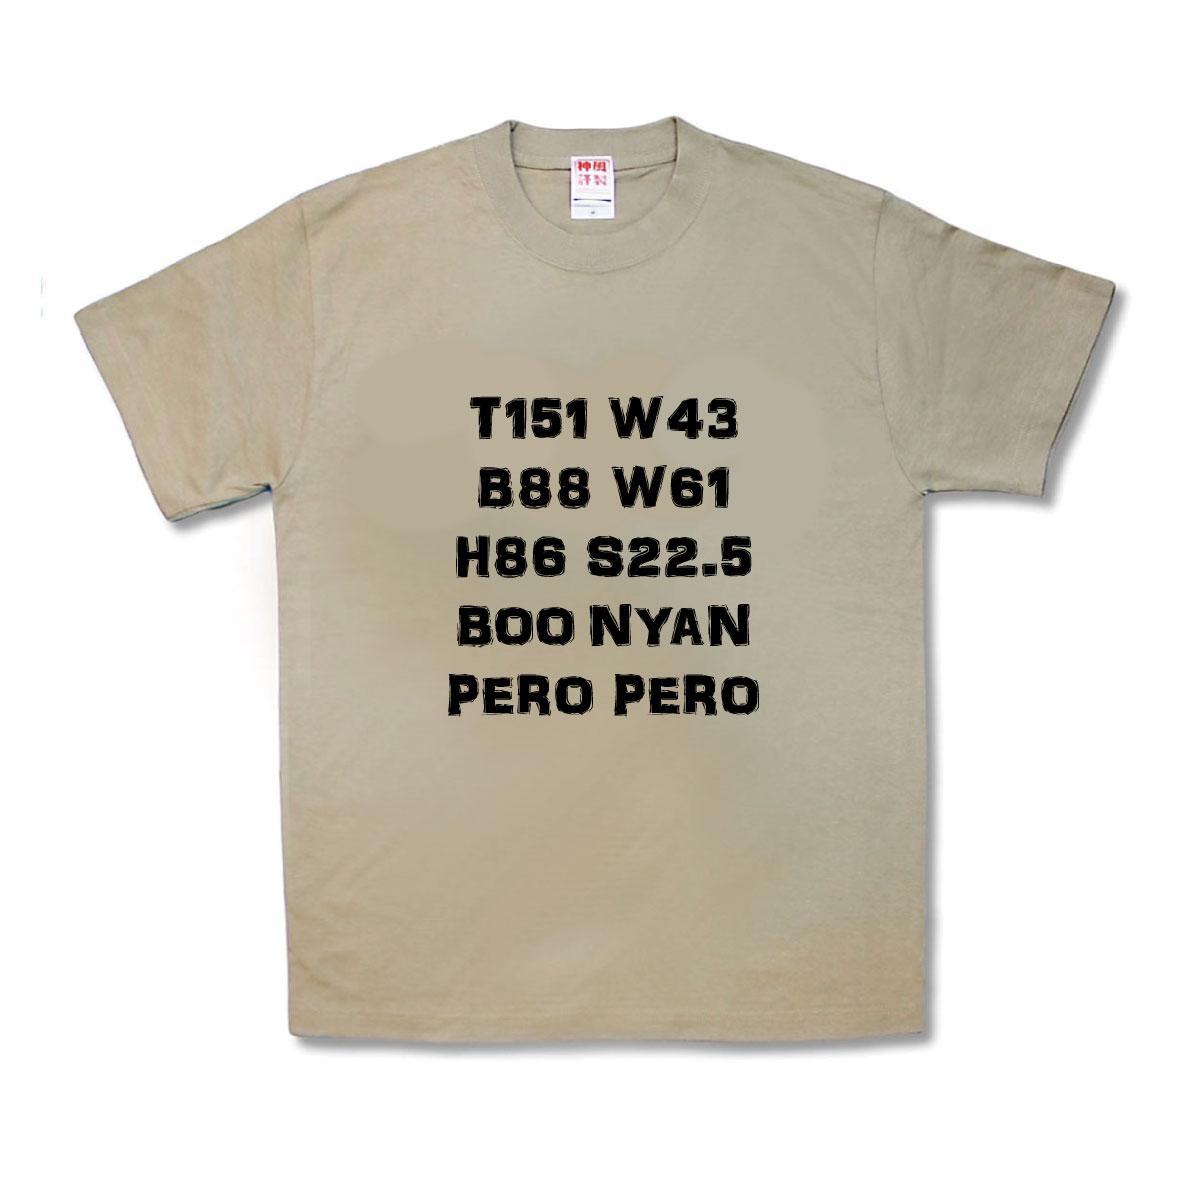 カミカゼスタイル秋の新作 とある行き違いでネット上にサイズを晒された某声優さんの偉業を記念したTシャツですが 今となっては状況が変わってタイムリーなデザインです ぶーにゃん 新作 大人気 おもしろTシャツ 販売期間 限定のお得なタイムセール